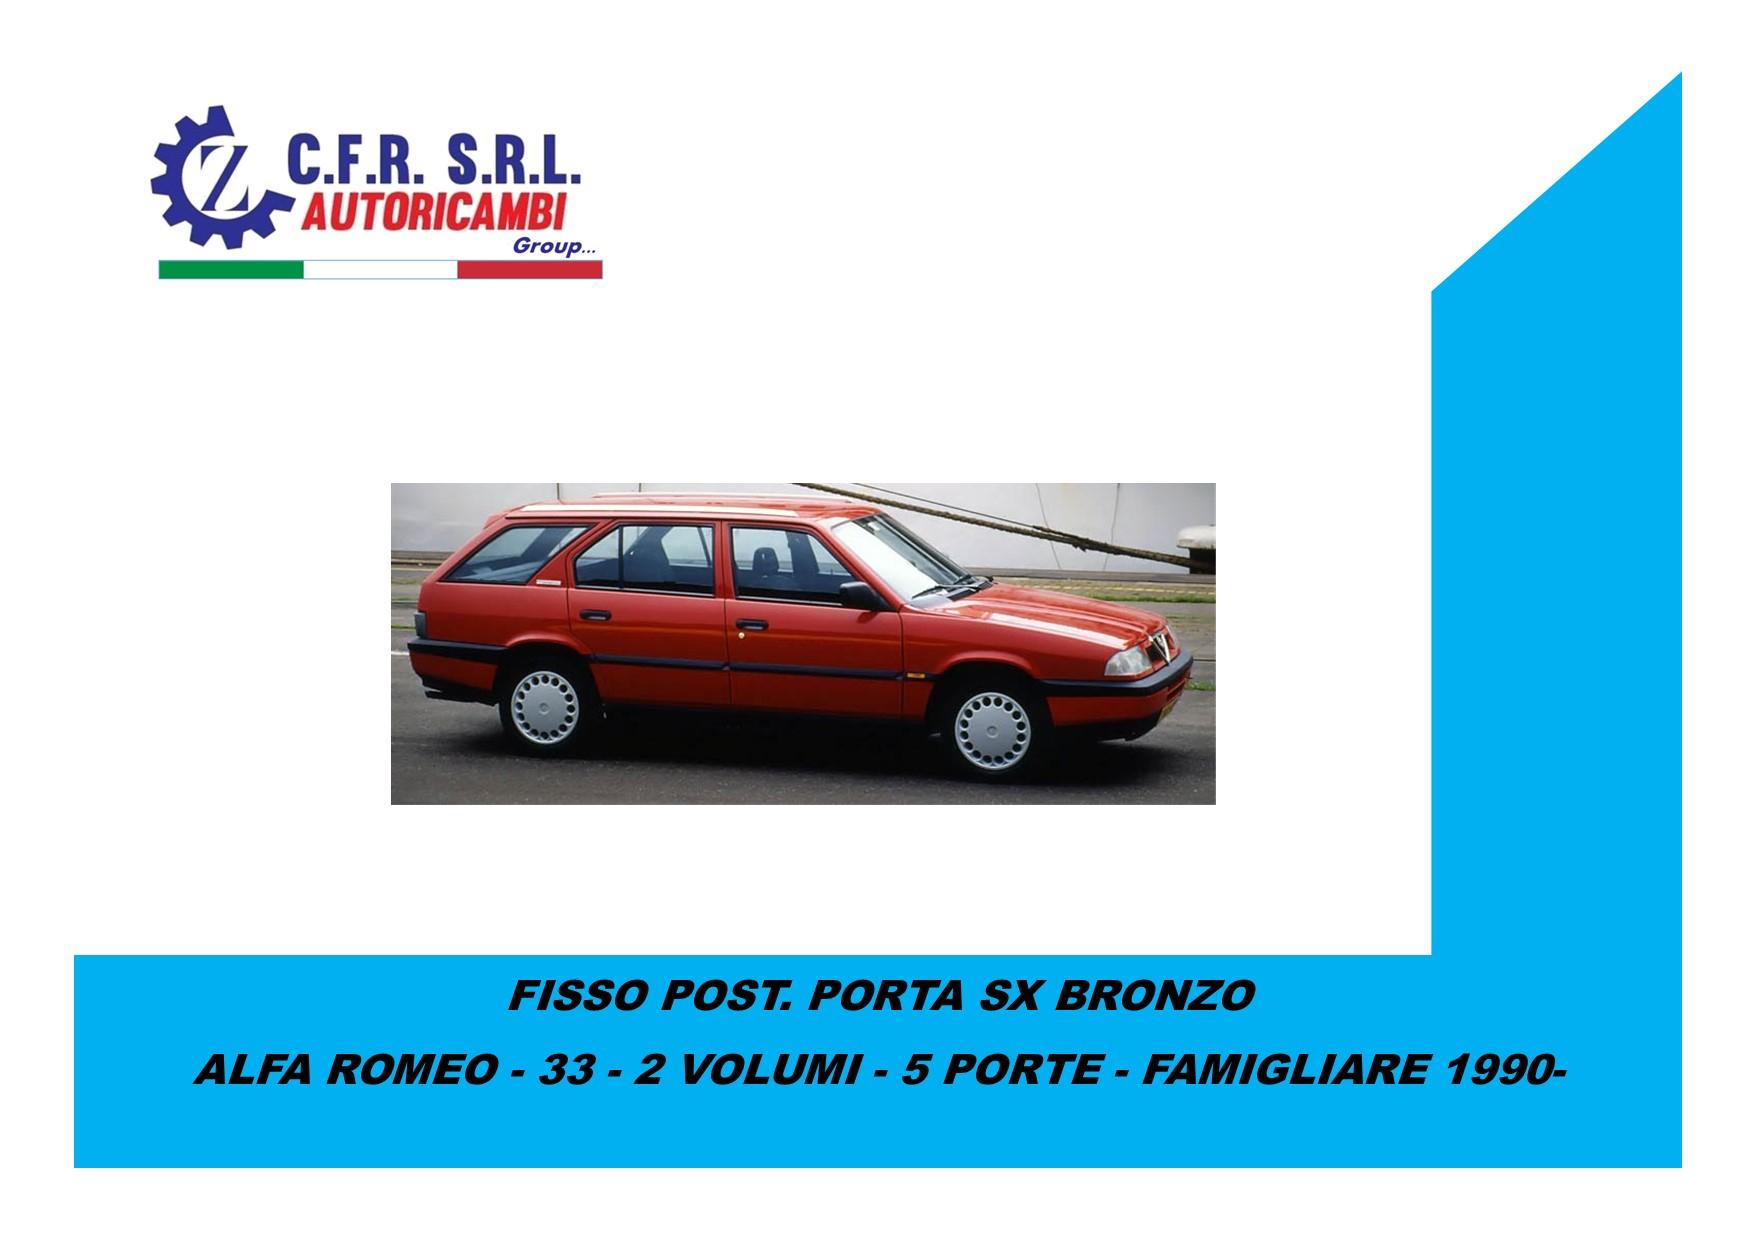 FISSO POSTERIORE PORTA SX BRONZO PER ALFA ROMEO 33 4/5 PORTE  FAMILIARE 1983-1989